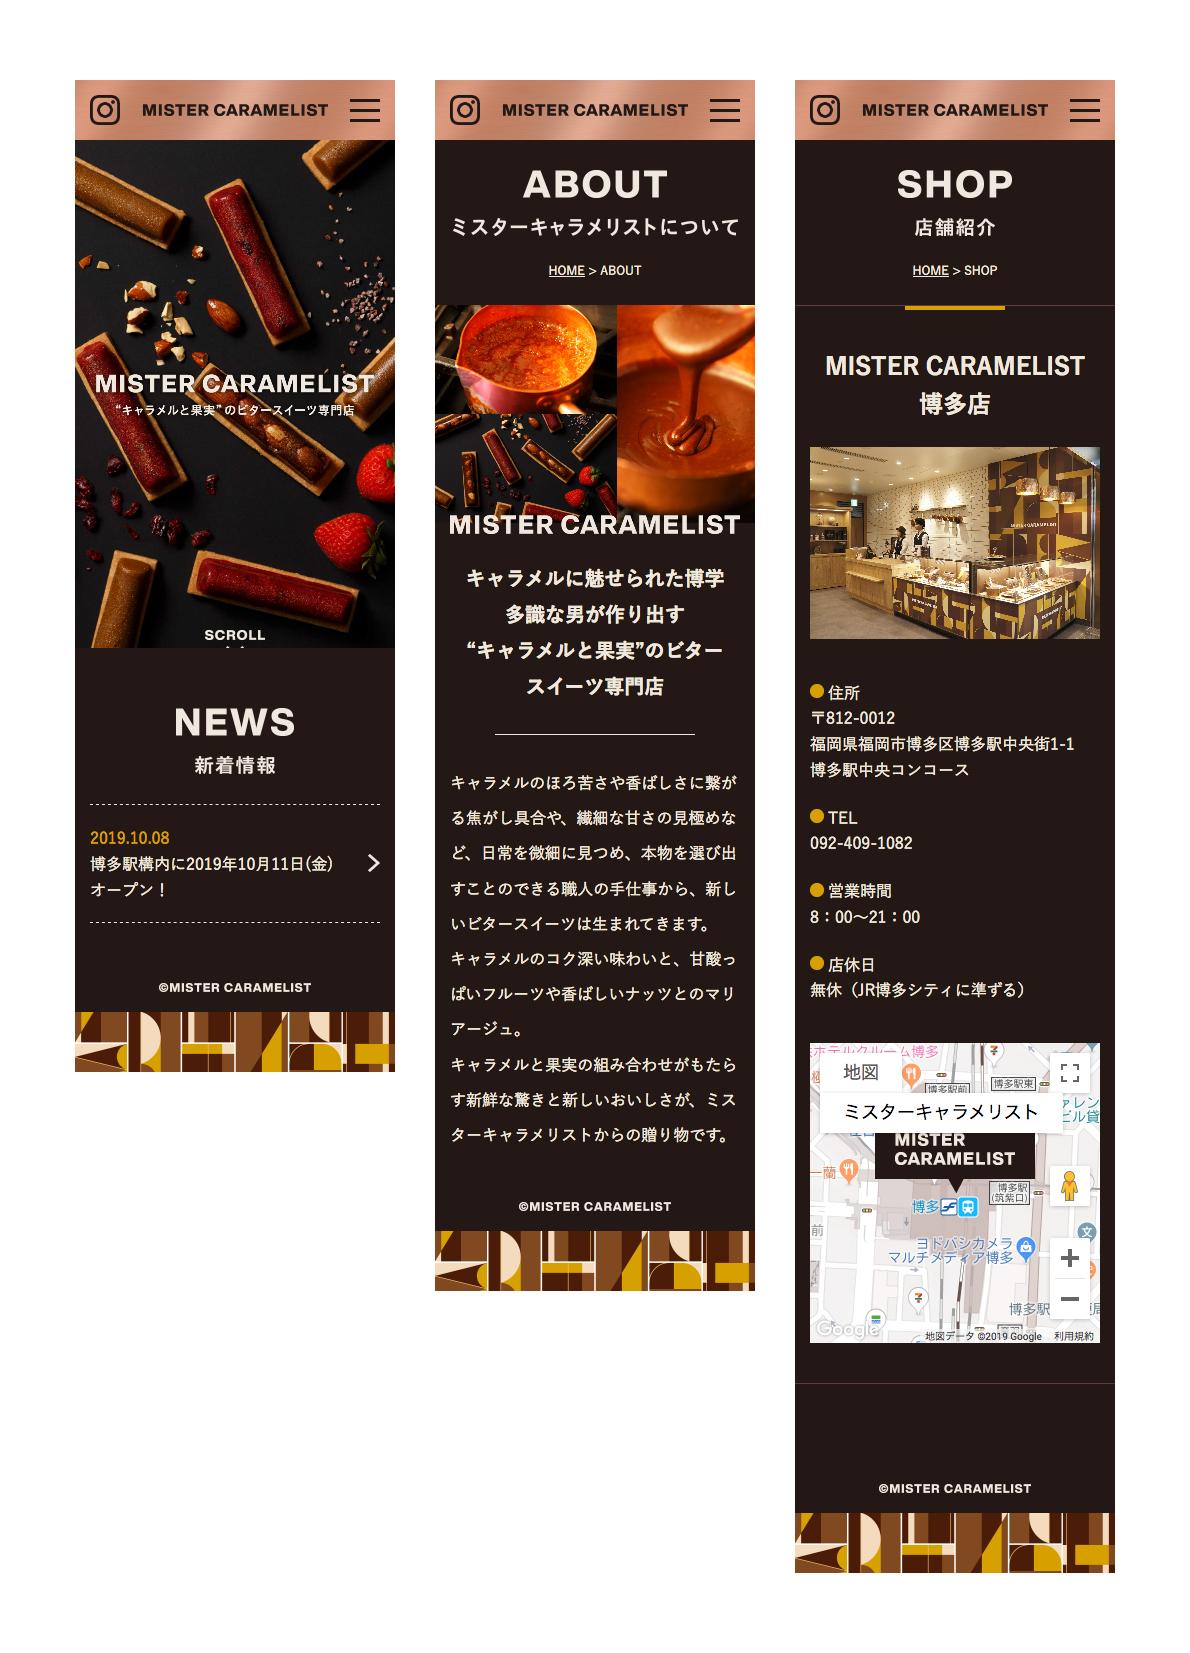 [写真]WEB MISTER CARAMELIST WEBサイト 4